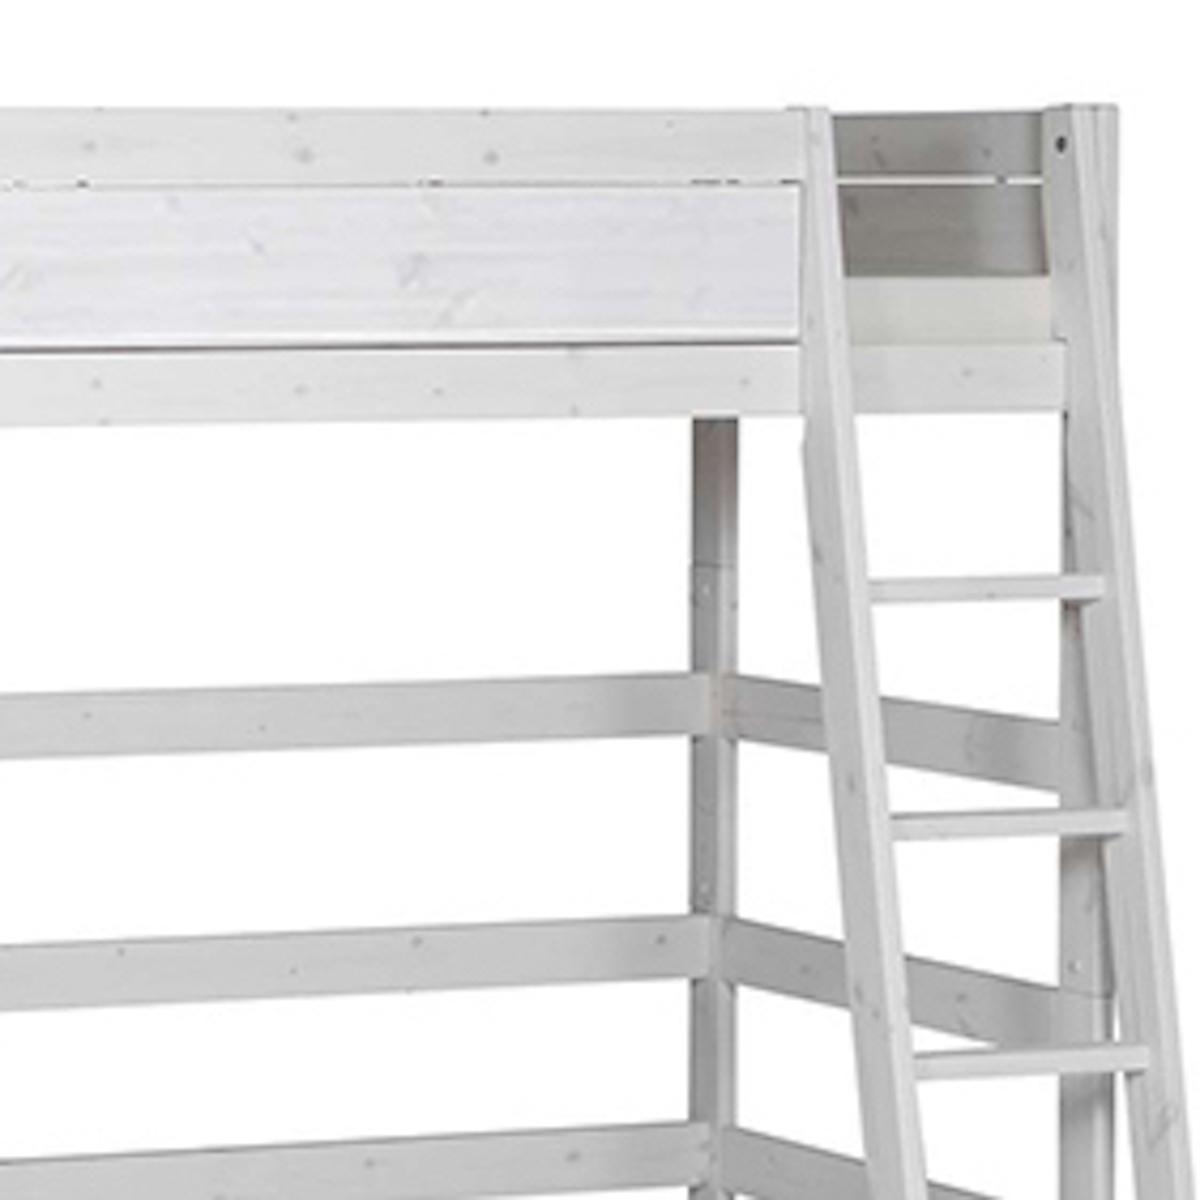 Cama alta 90x200cm escalera inclinada Lifetime blanqueado